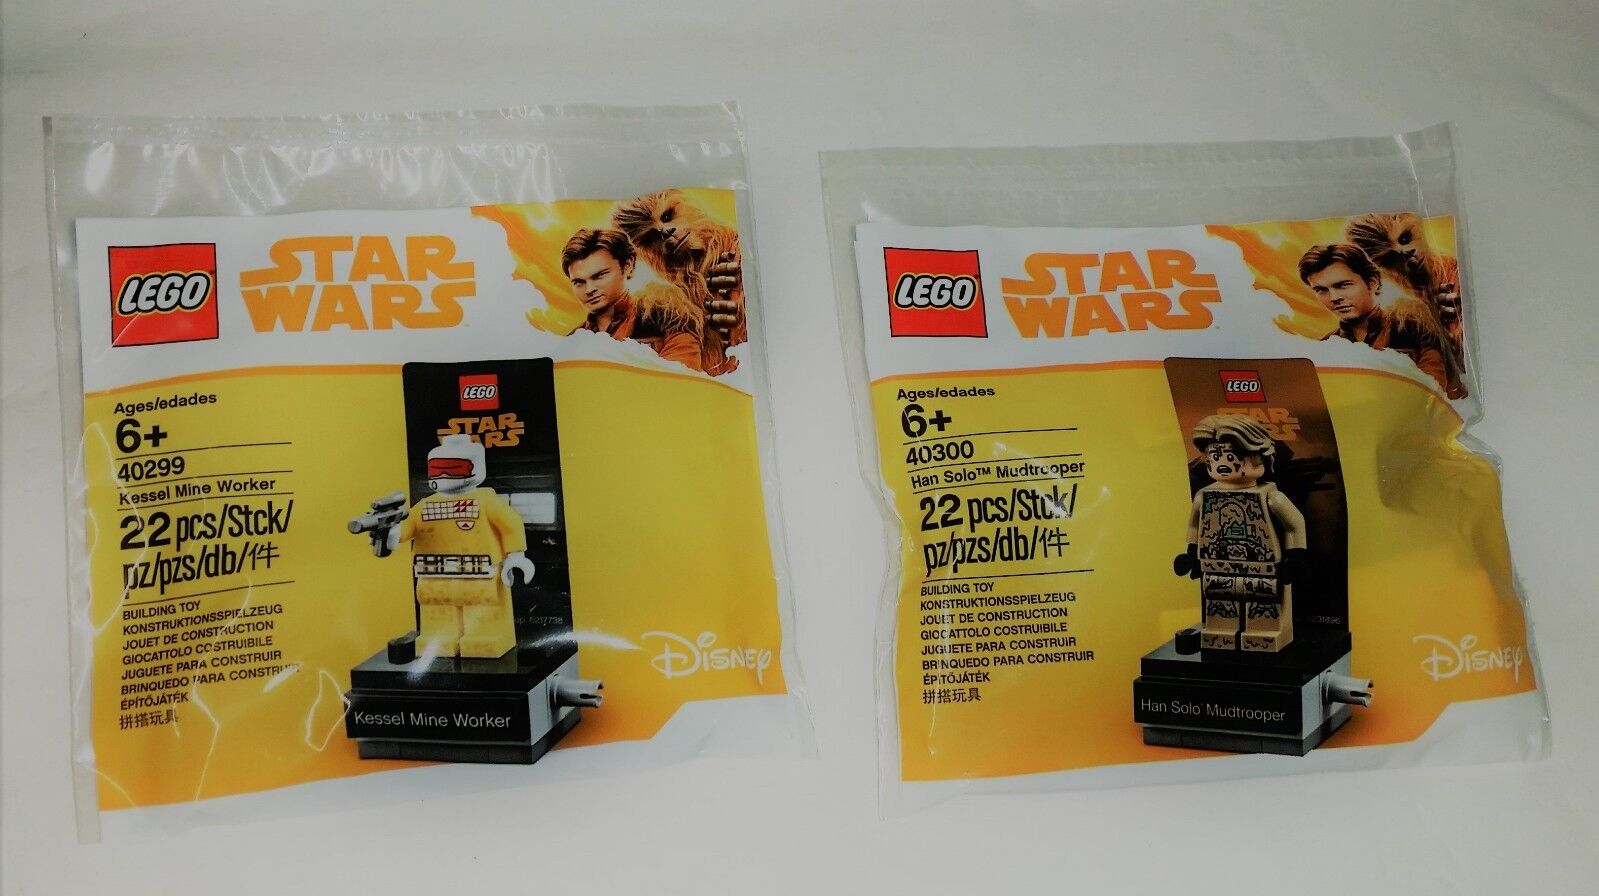 Lego Star Wars Poliestere 40300 Ian solo ™ Mudtrooper + 40299 Kessel Miniera